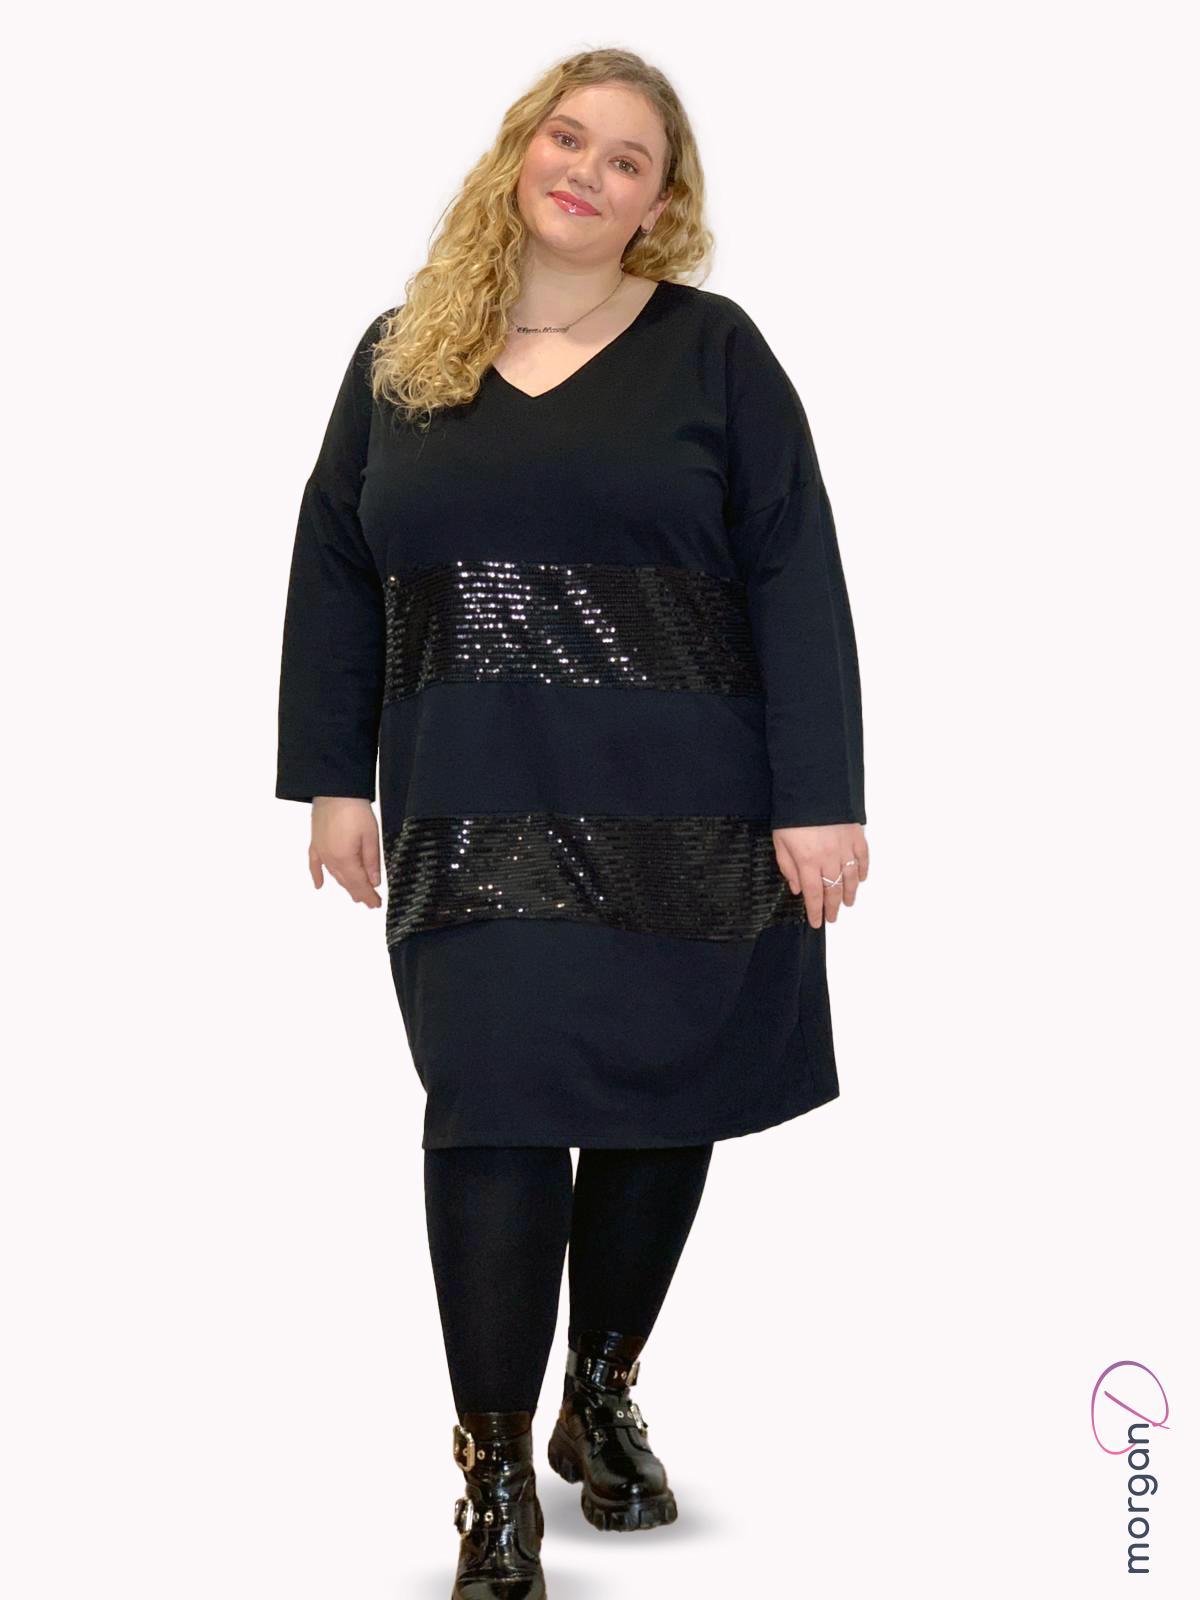 Robes & Combinaisons Femme Noir Morgan.D 001 #c eFashion Paris